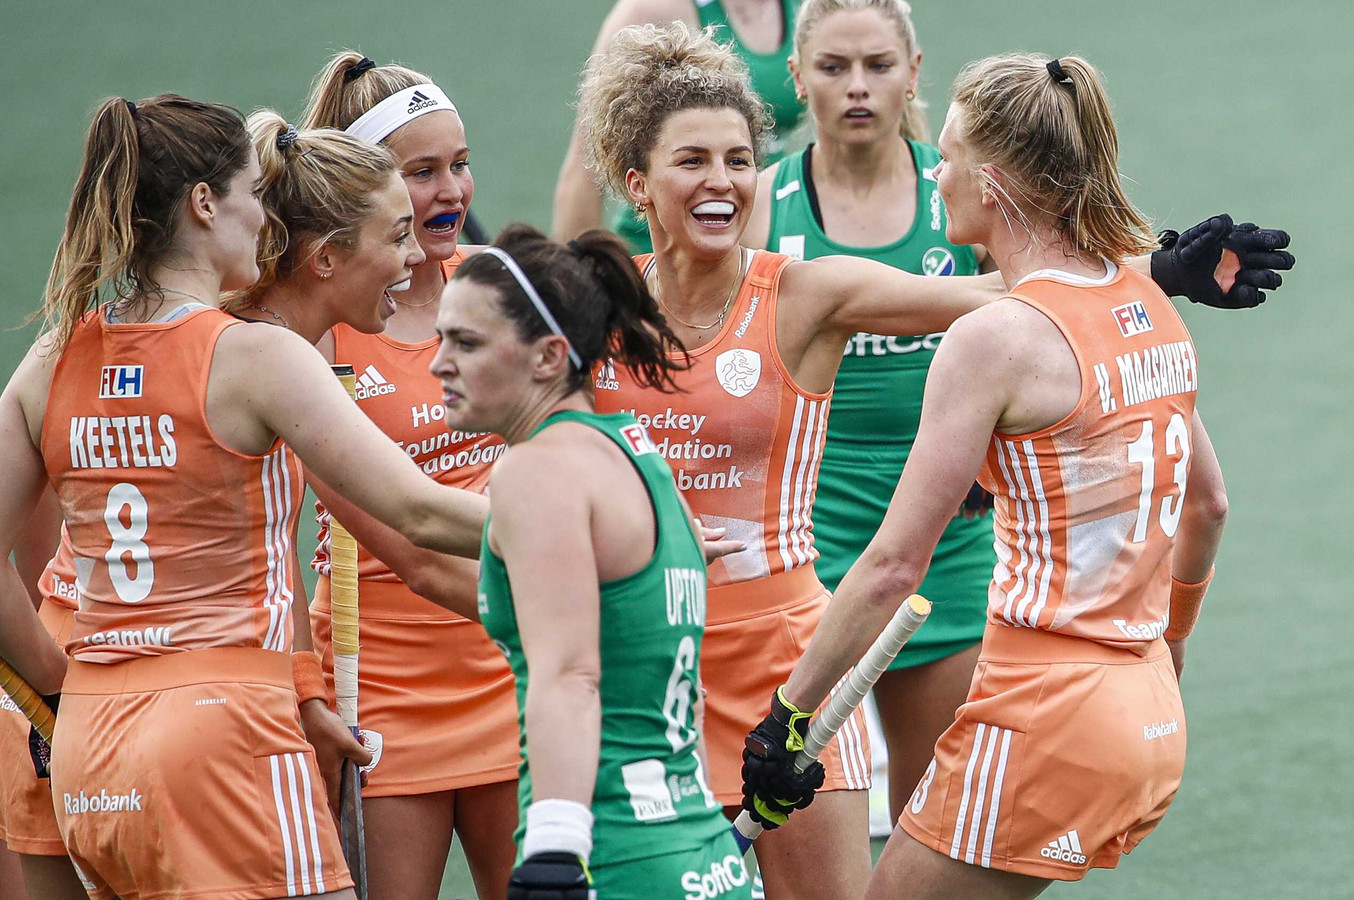 De Nederlandse hockeysters zijn het EK in eigen land begonnen met een ruime zege van 4-0 op Ierland.